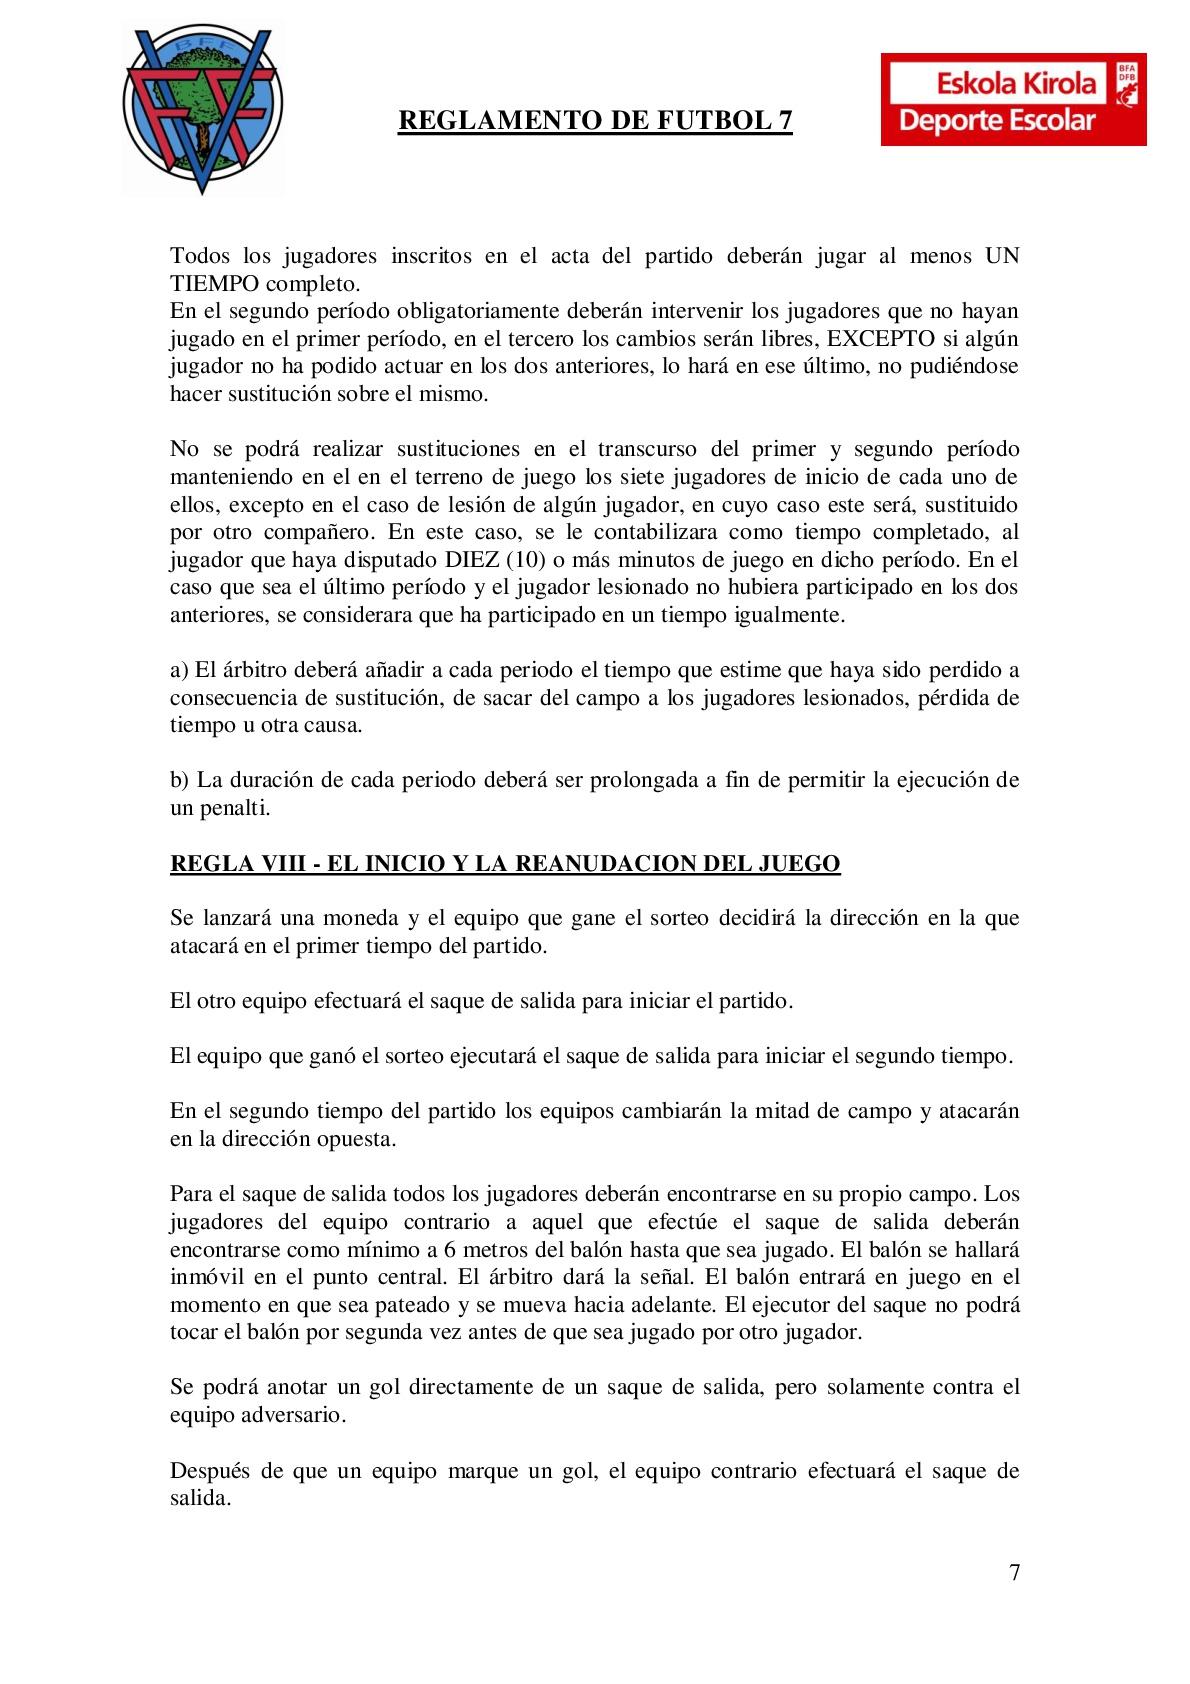 Reglamento-F7-007